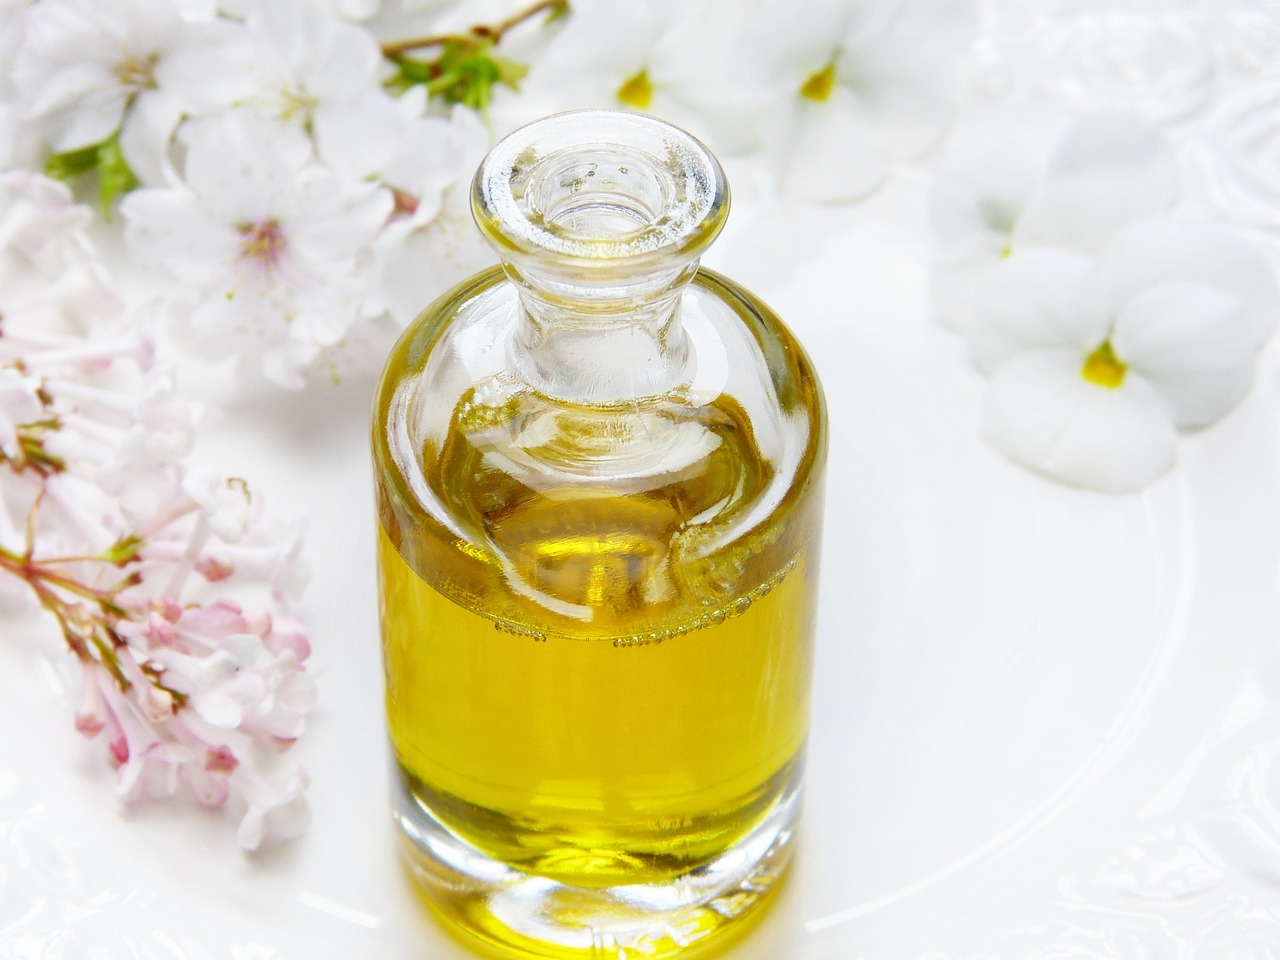 L'huile de ricin pour faire pousser les cils et sourcils